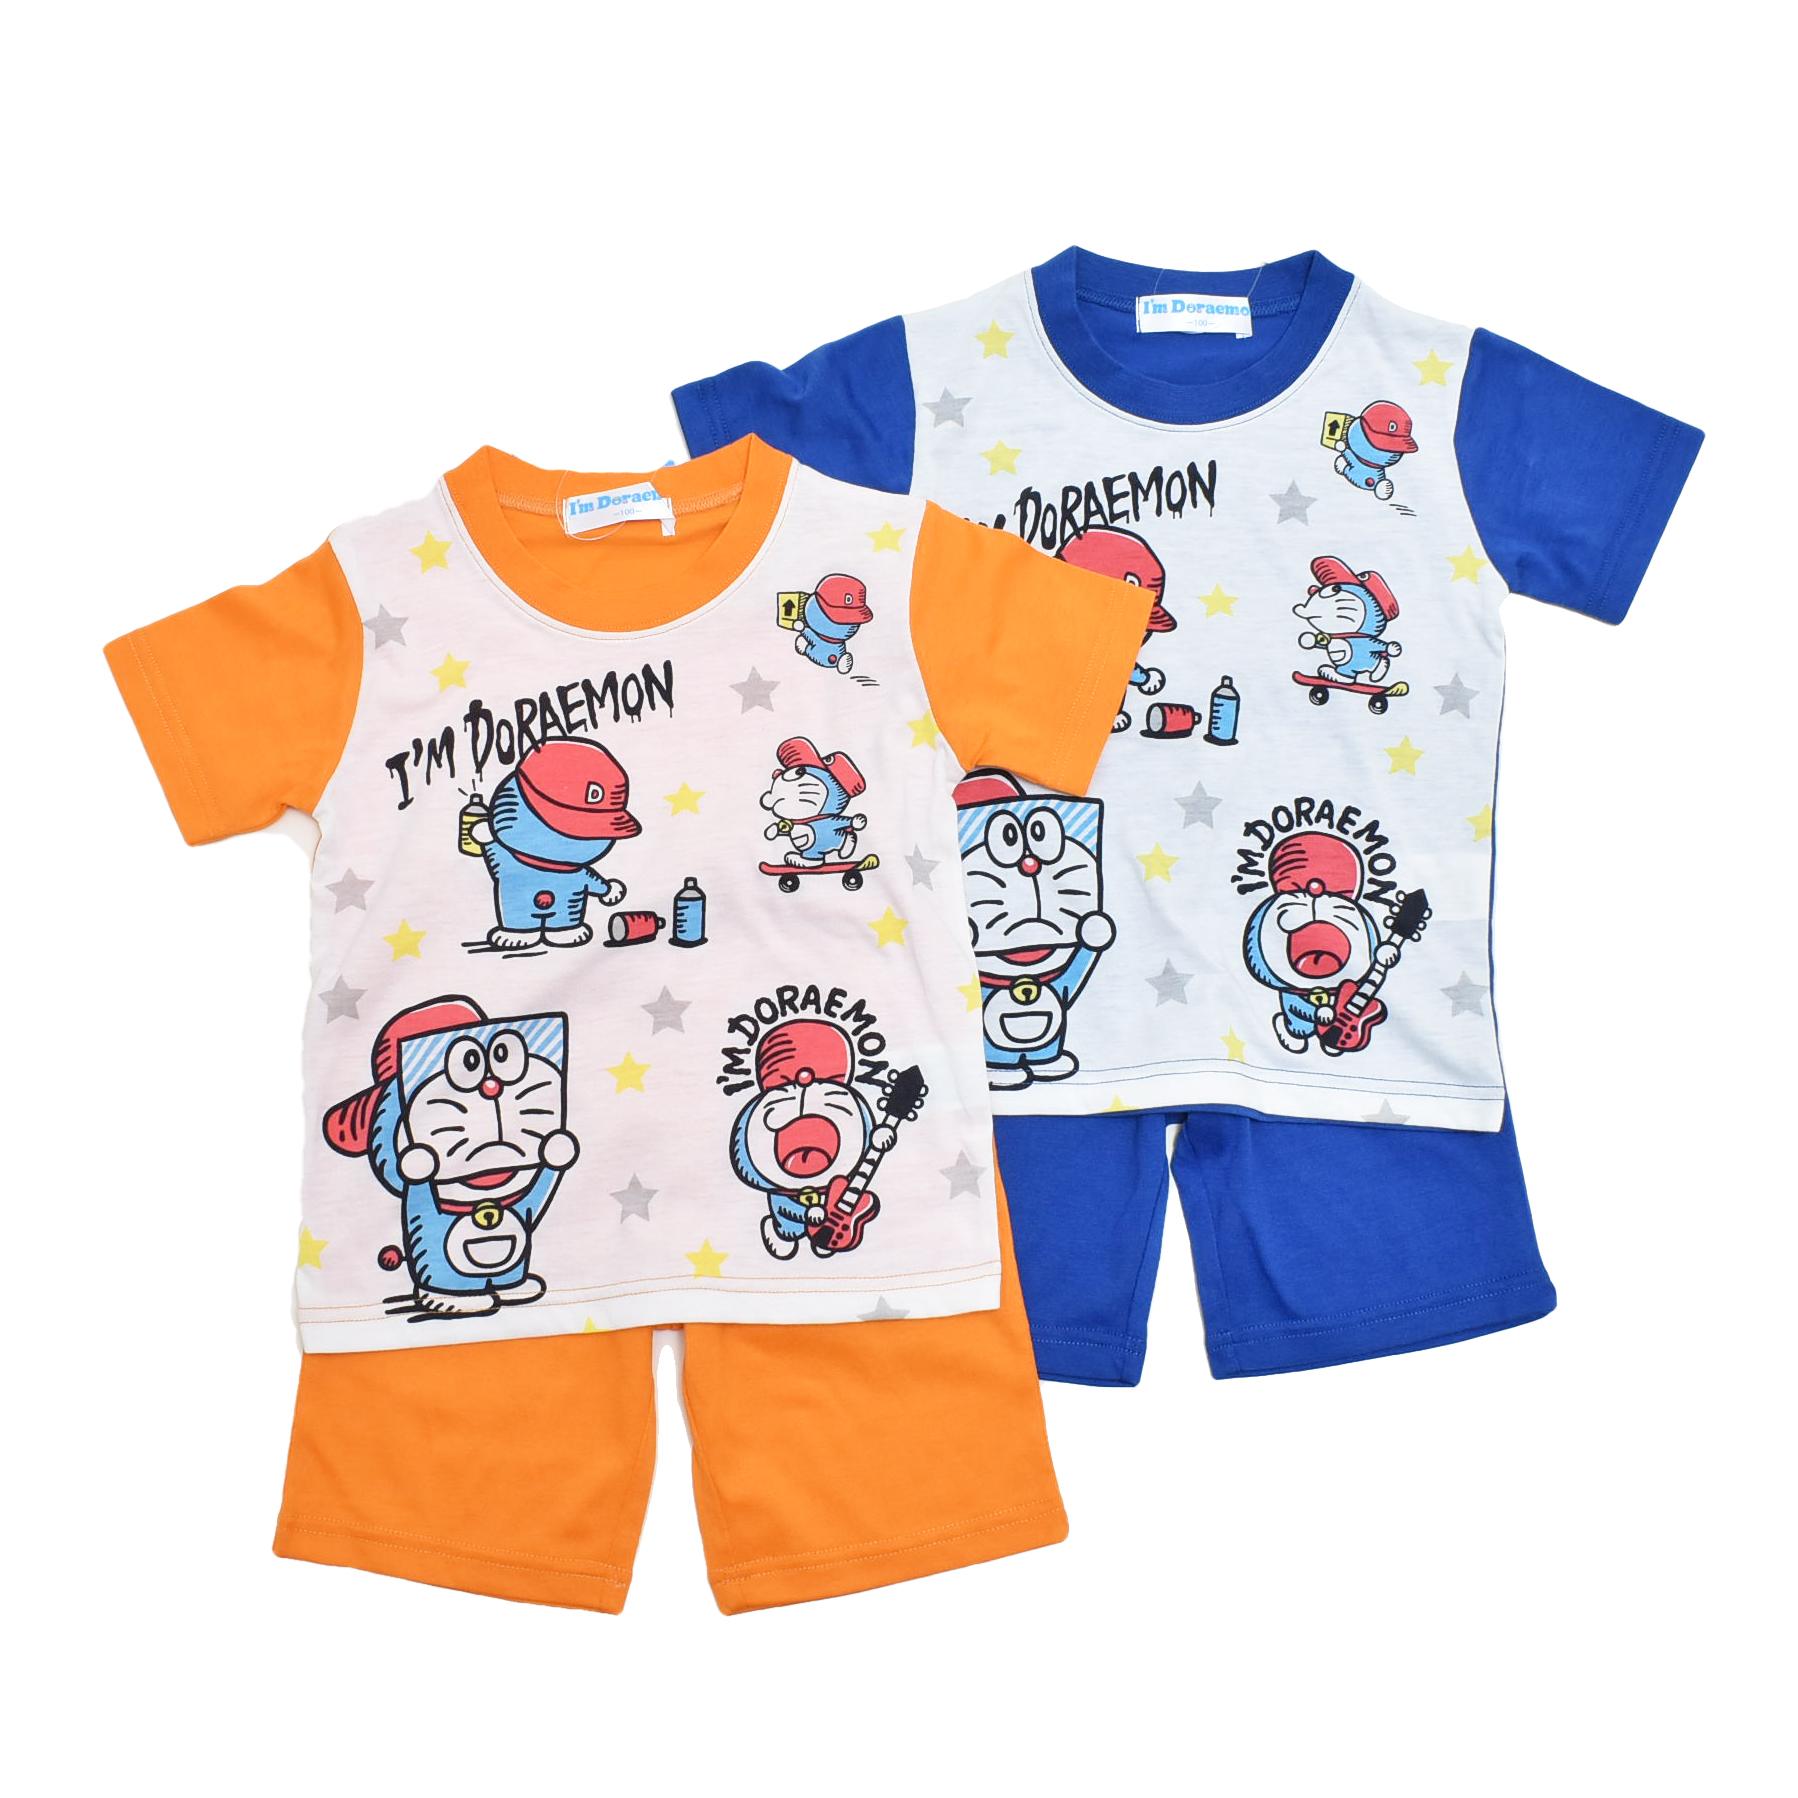 アイム ドラえもん 半袖Tシャツ生地のパジャマ 100cm-130cm  (132DR0071A)